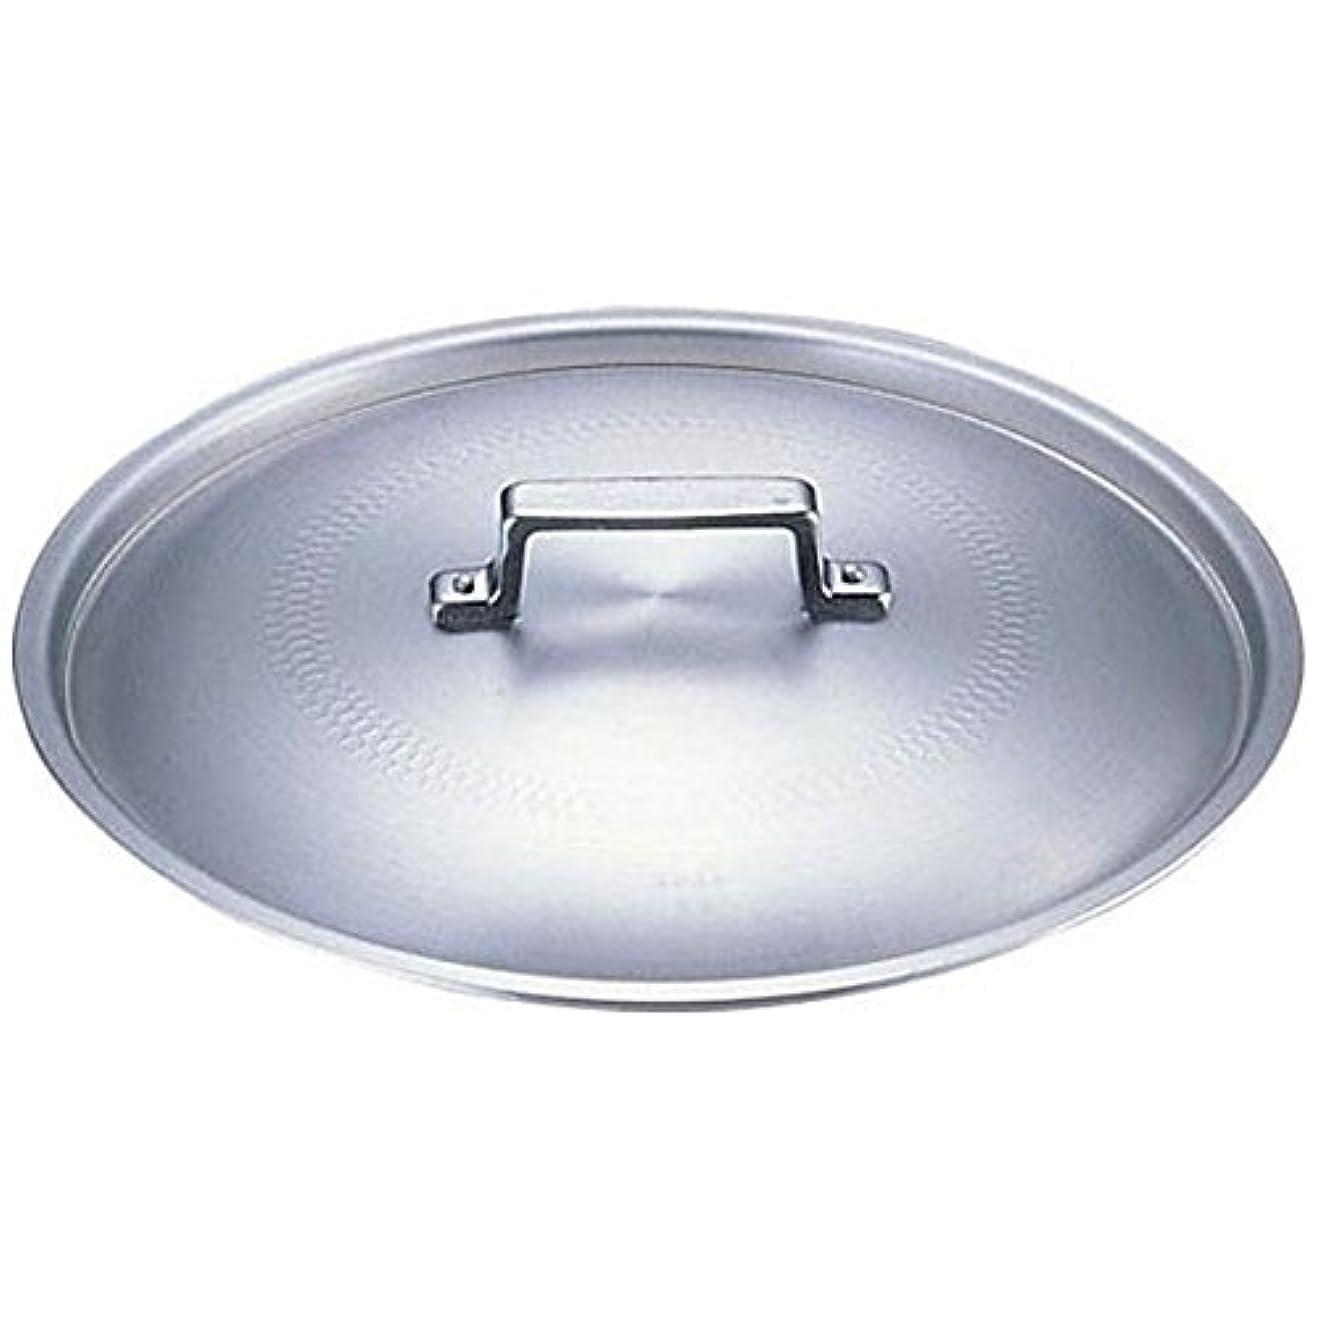 道どういたしましてピアノを弾くアカオアルミ 料理鍋蓋 落とし込みタイプ 30cm用 アルミニウム合金、ハンドル(アルミダイキャスト) 日本 ALY5803